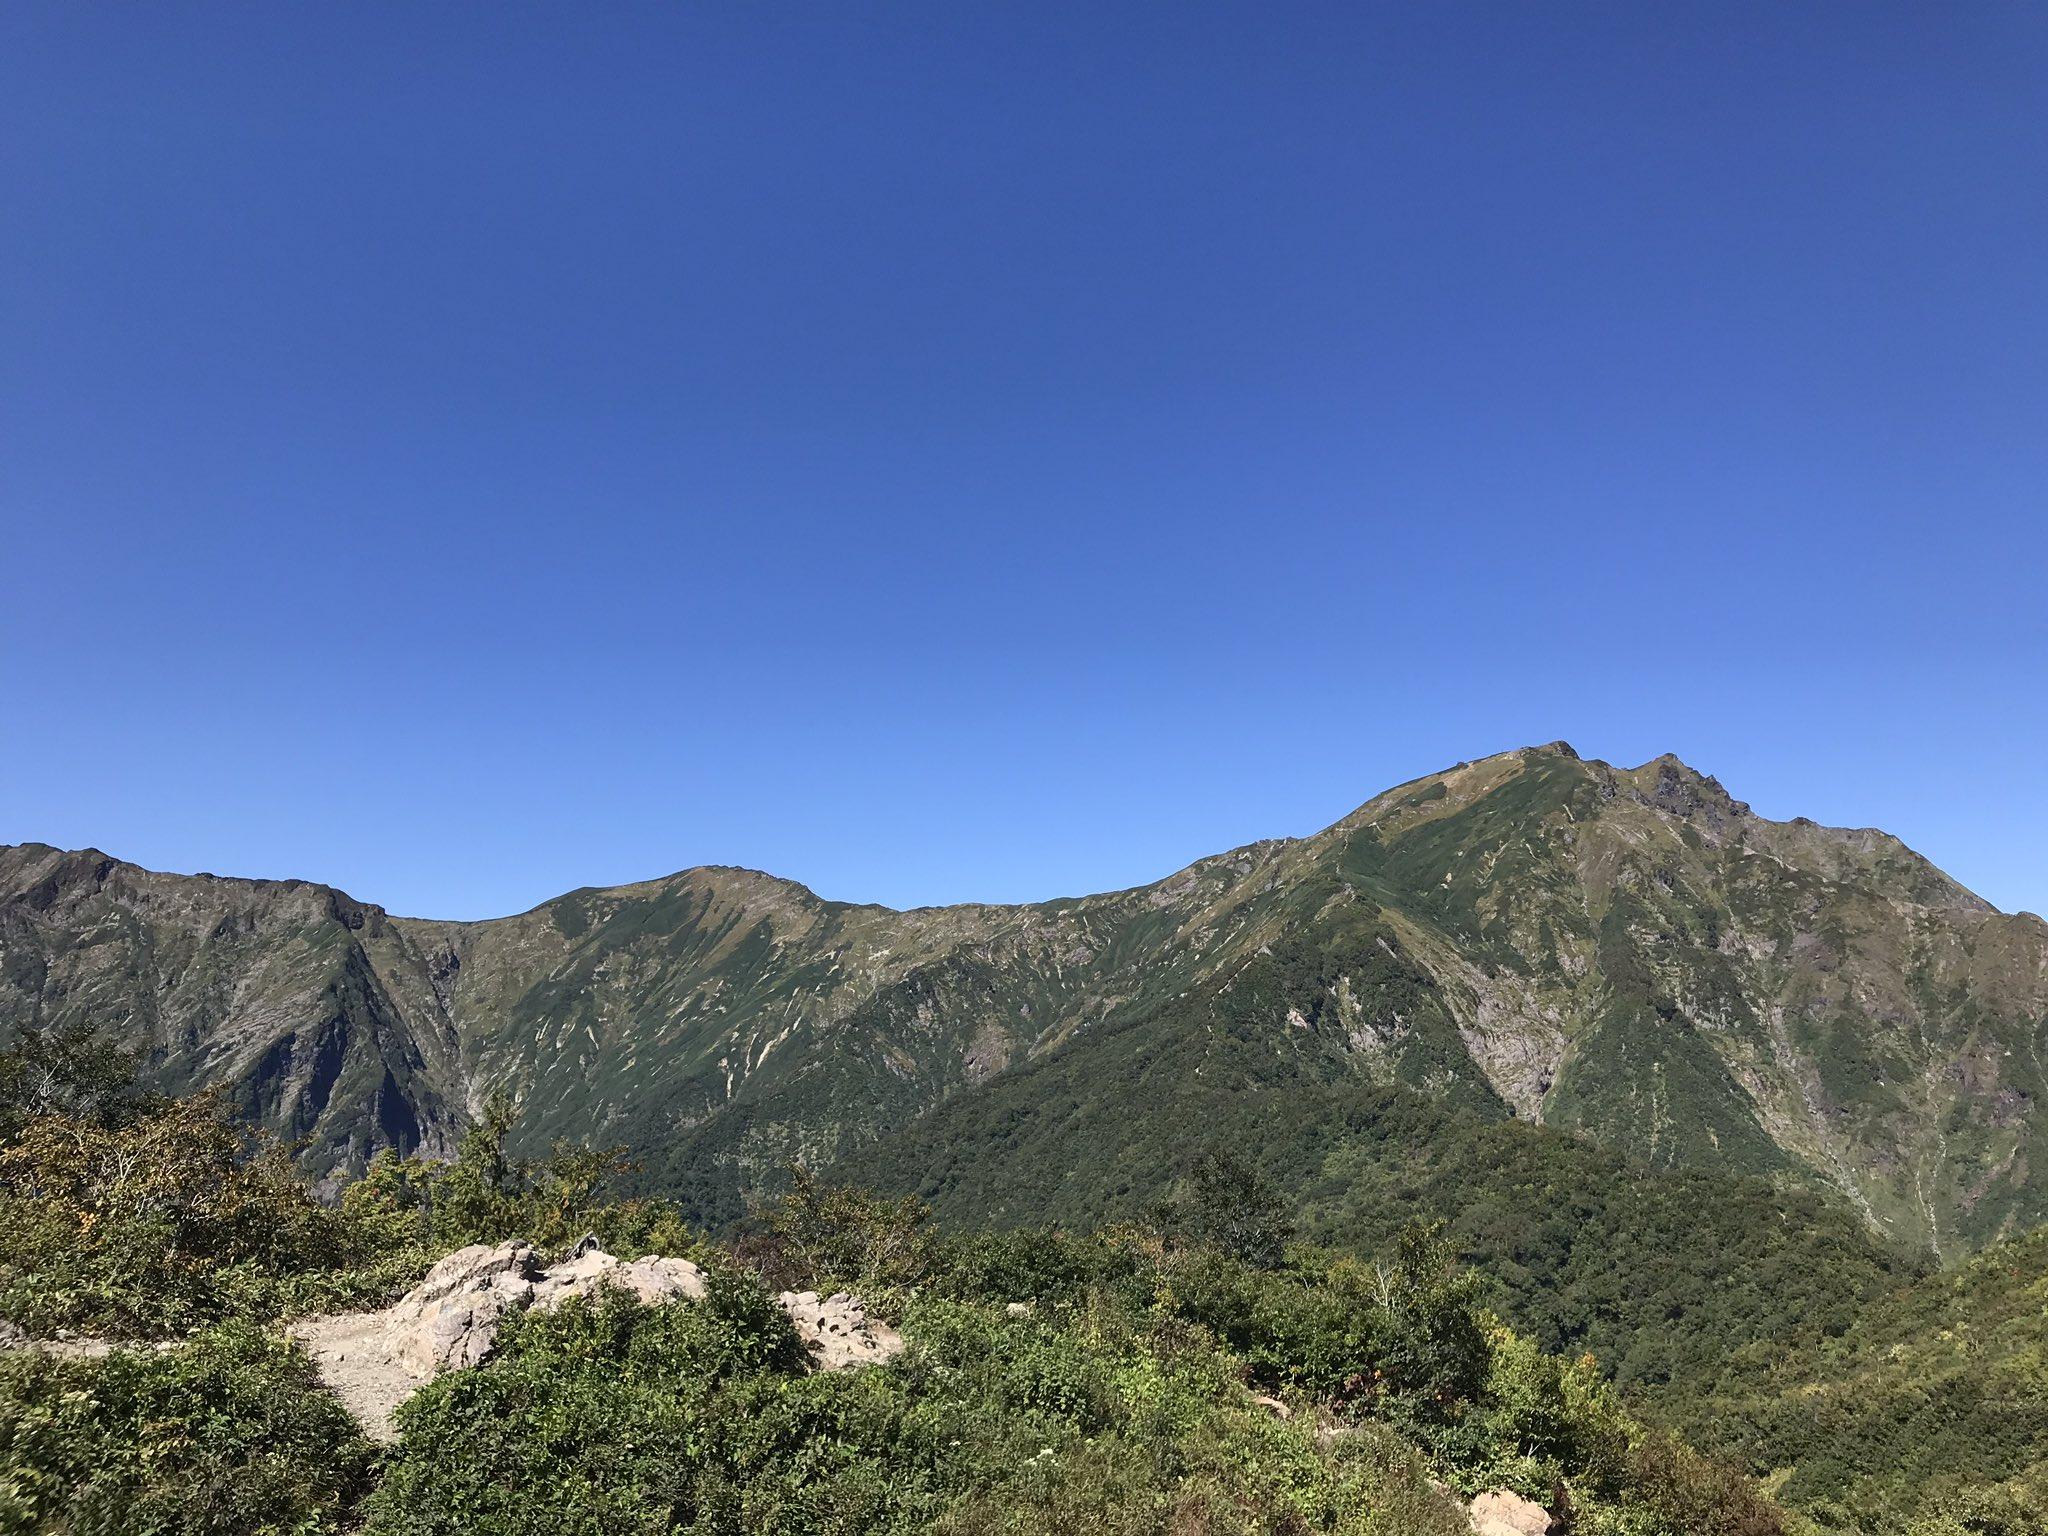 天神平から 紅葉前の谷川岳⛰   (9/19) https://t.co/DBnF95M9NW